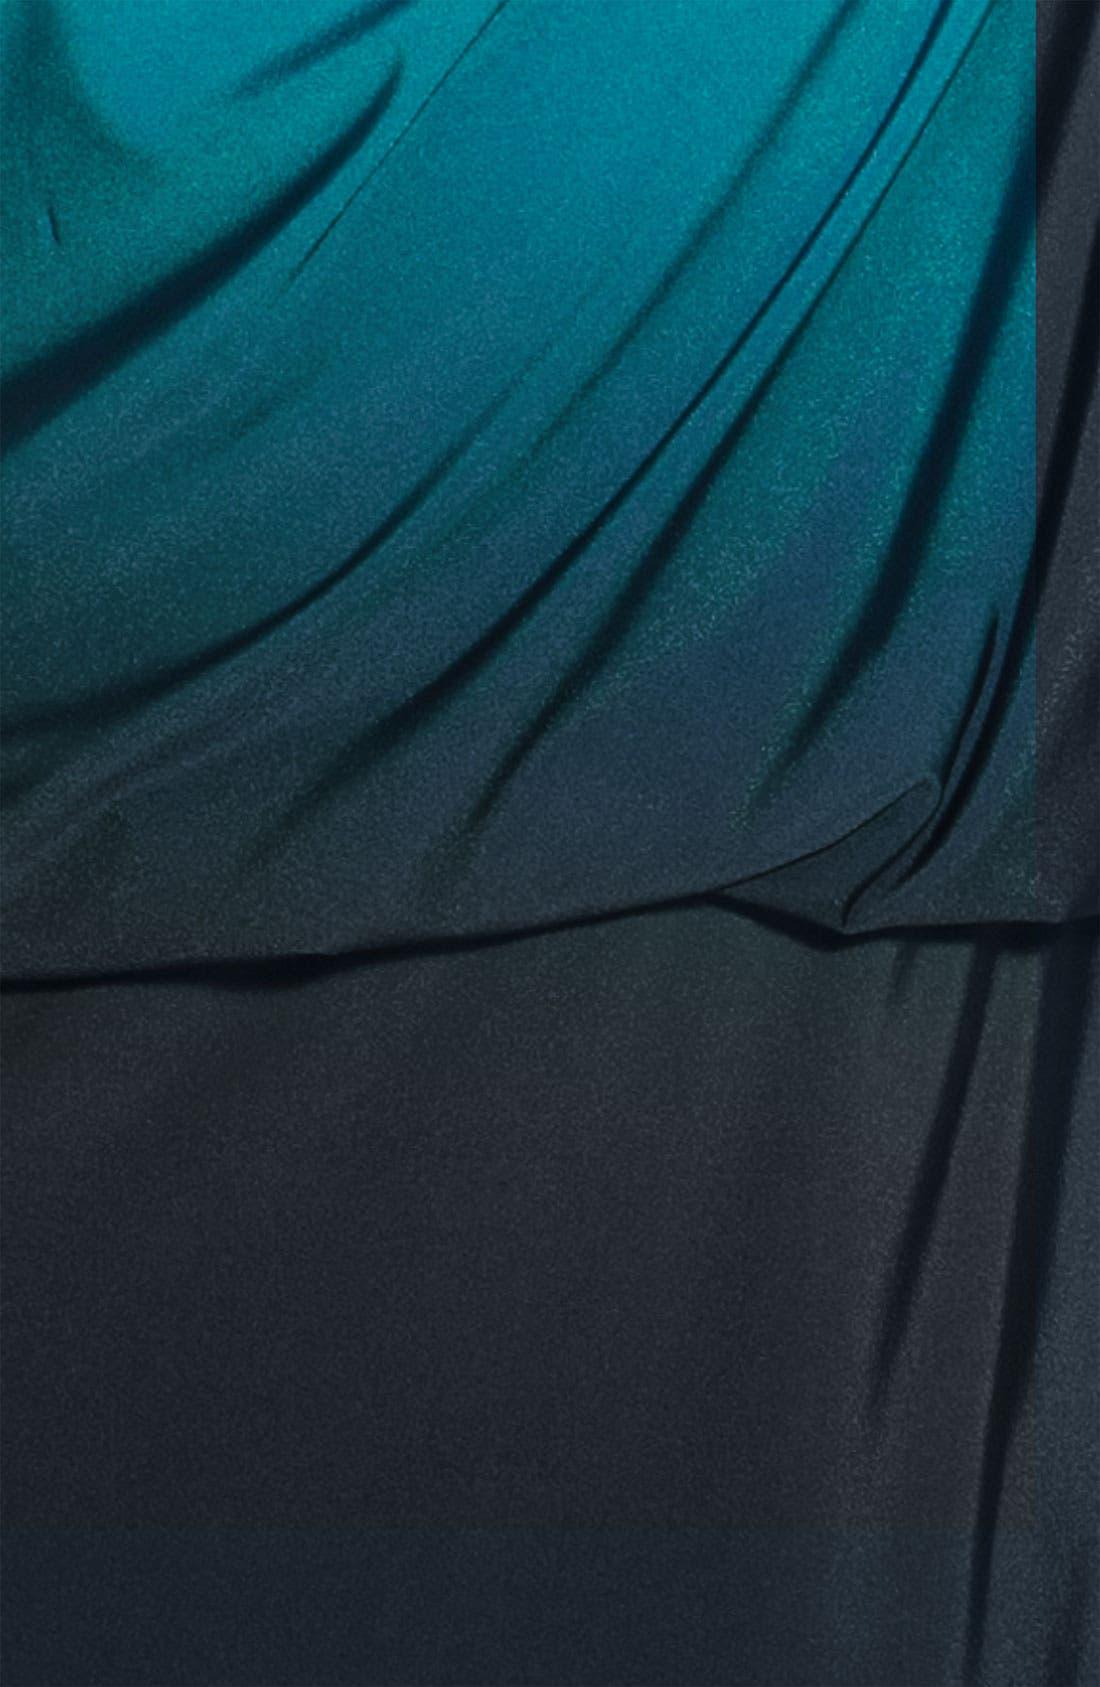 Alternate Image 3  - JS Boutique Ombré One Shoulder Jersey Dress